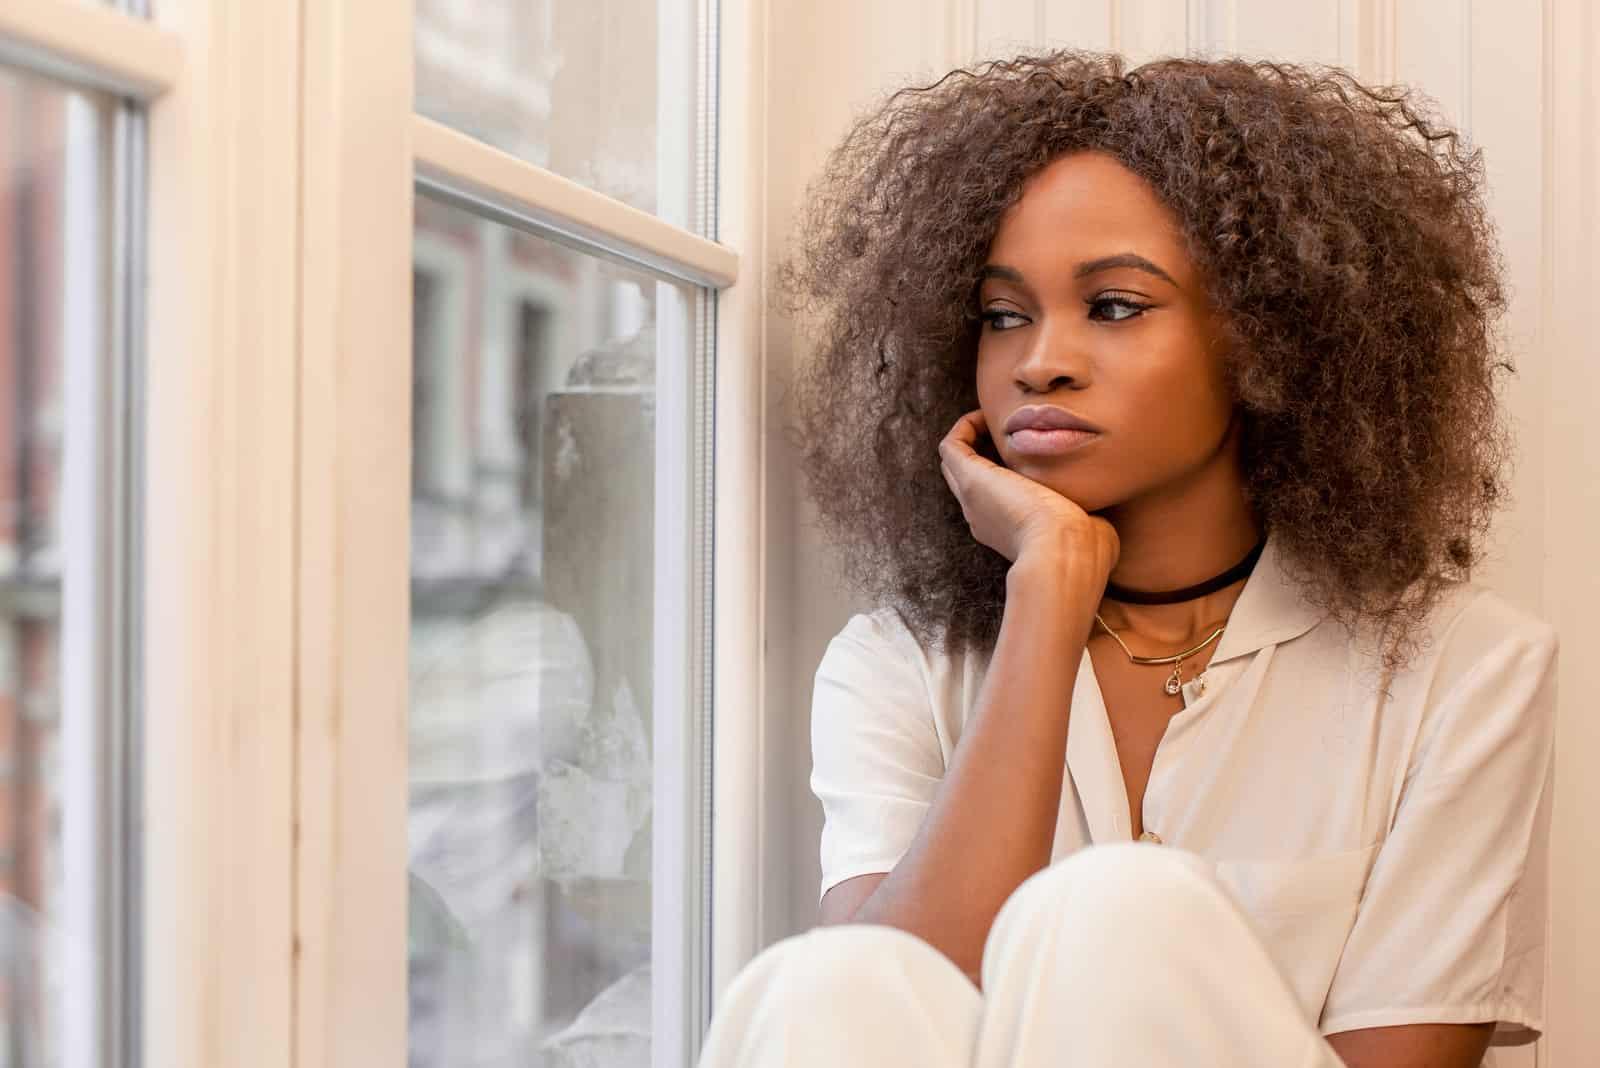 une femme imaginaire aux cheveux crépus est assise et regarde par la fenêtre